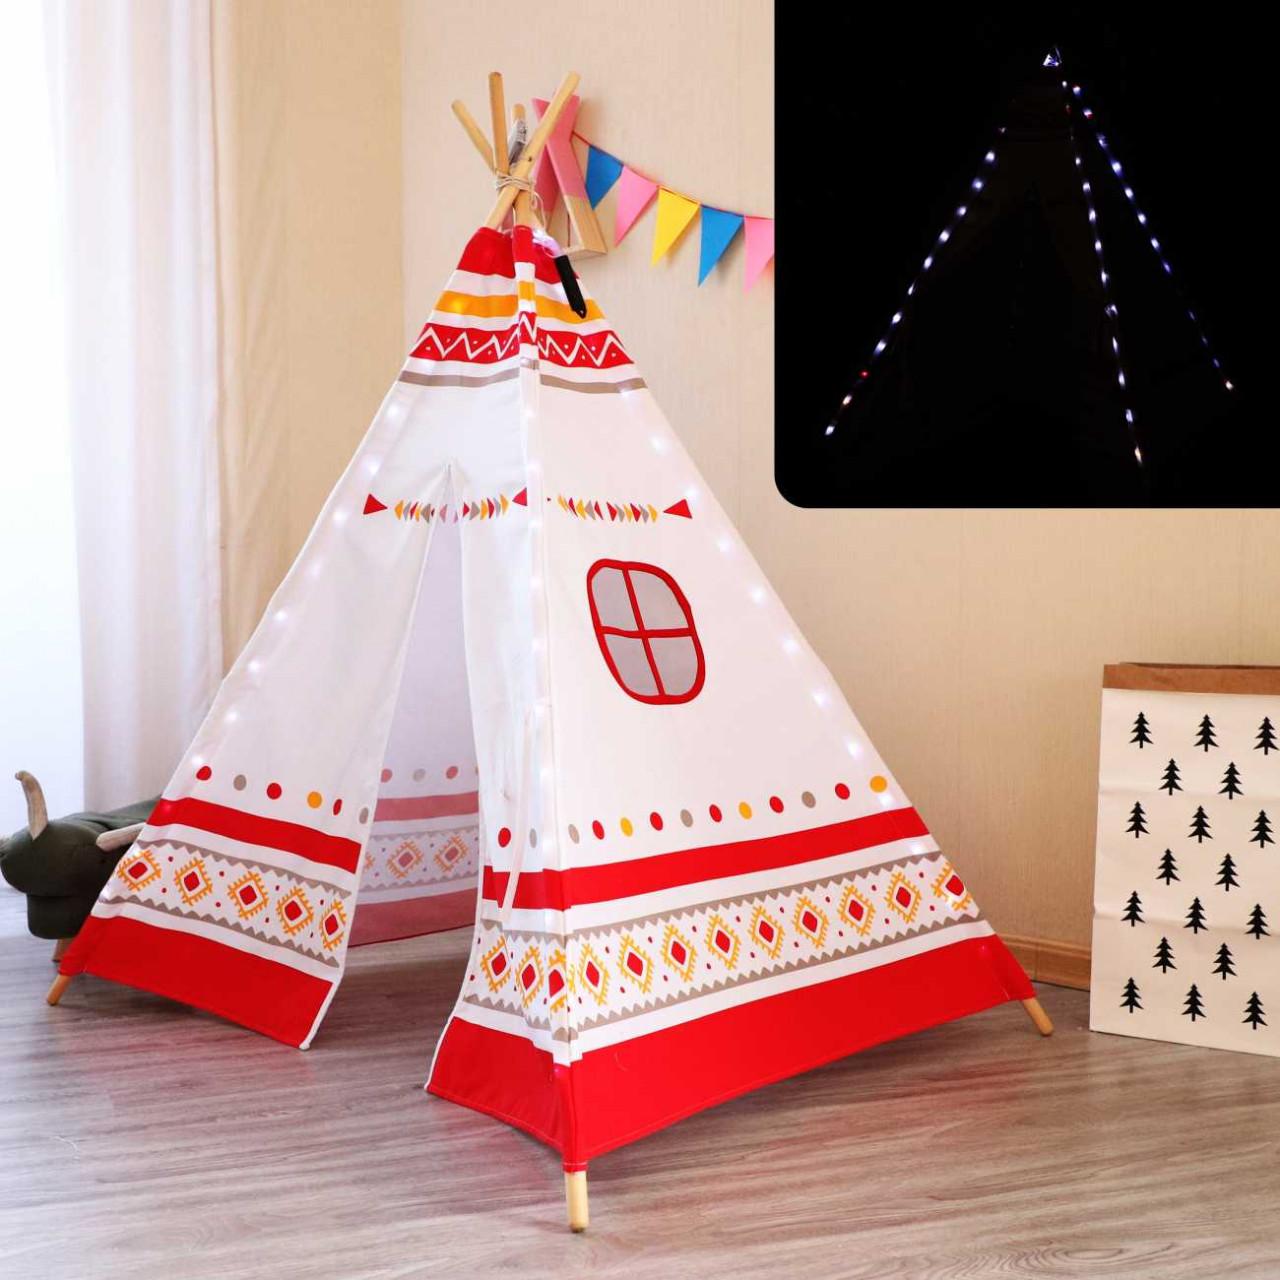 Kinder Spielzelt LED Tipi Zelt, Teeepee, Indianerzelt